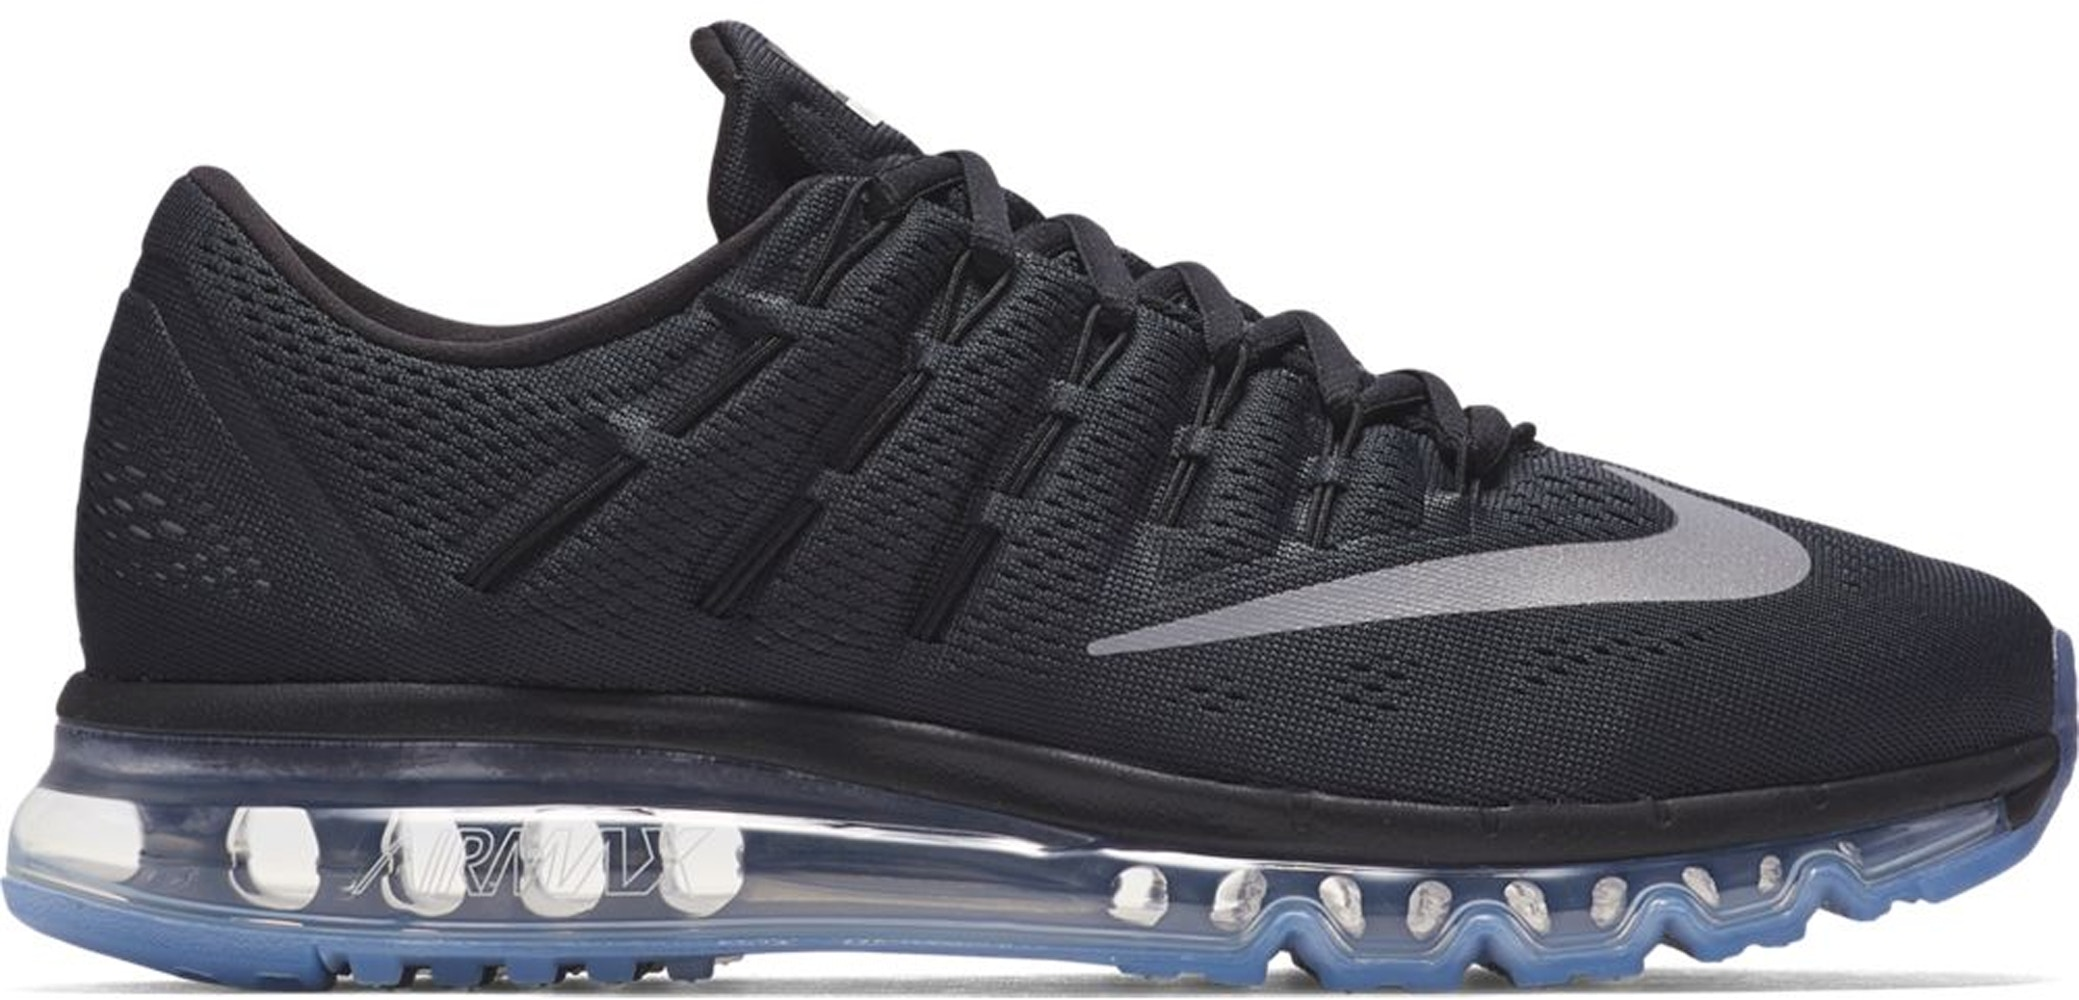 Nike Air Max 2016 Black Dark Grey